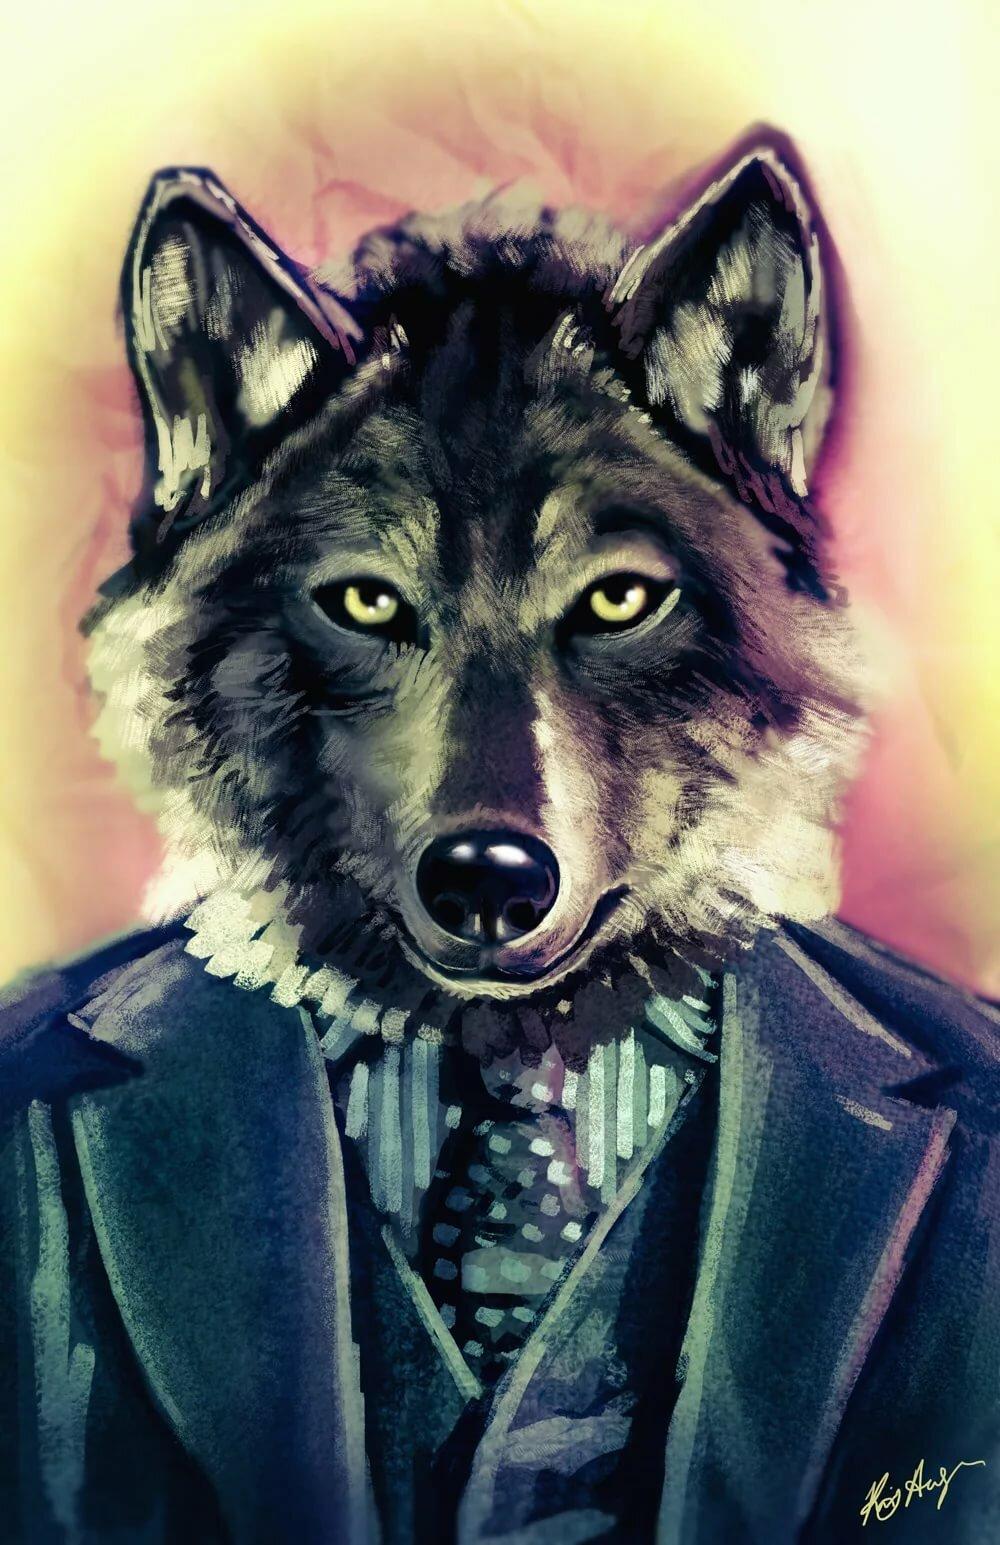 вечерняя прогулка картинки людей с головой волка на аву ловно